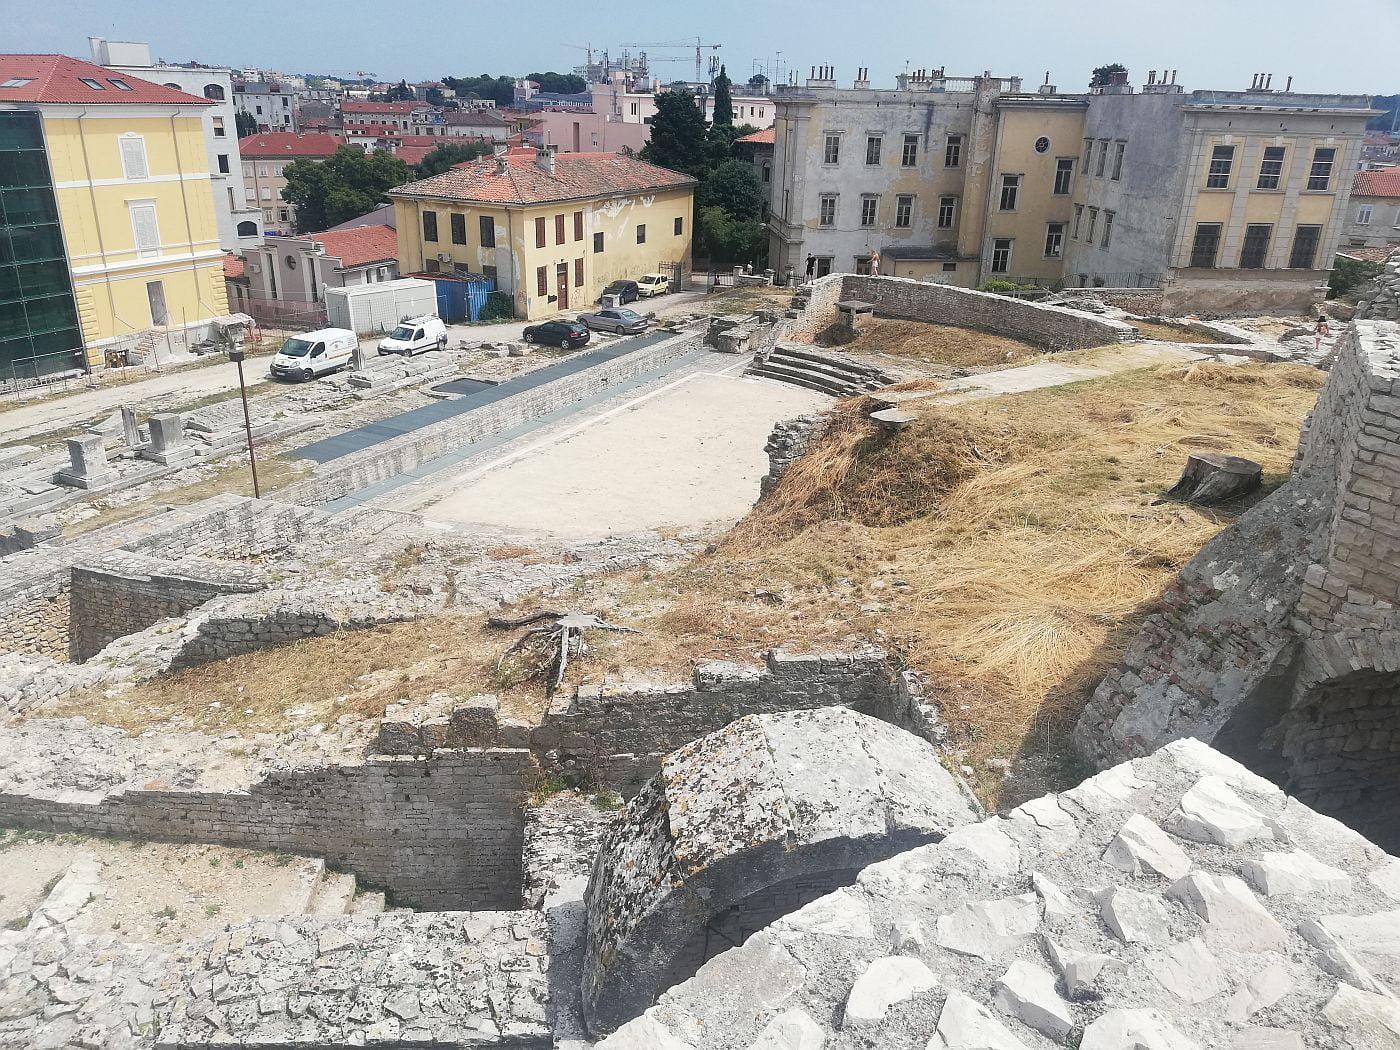 Roman theater in Pula